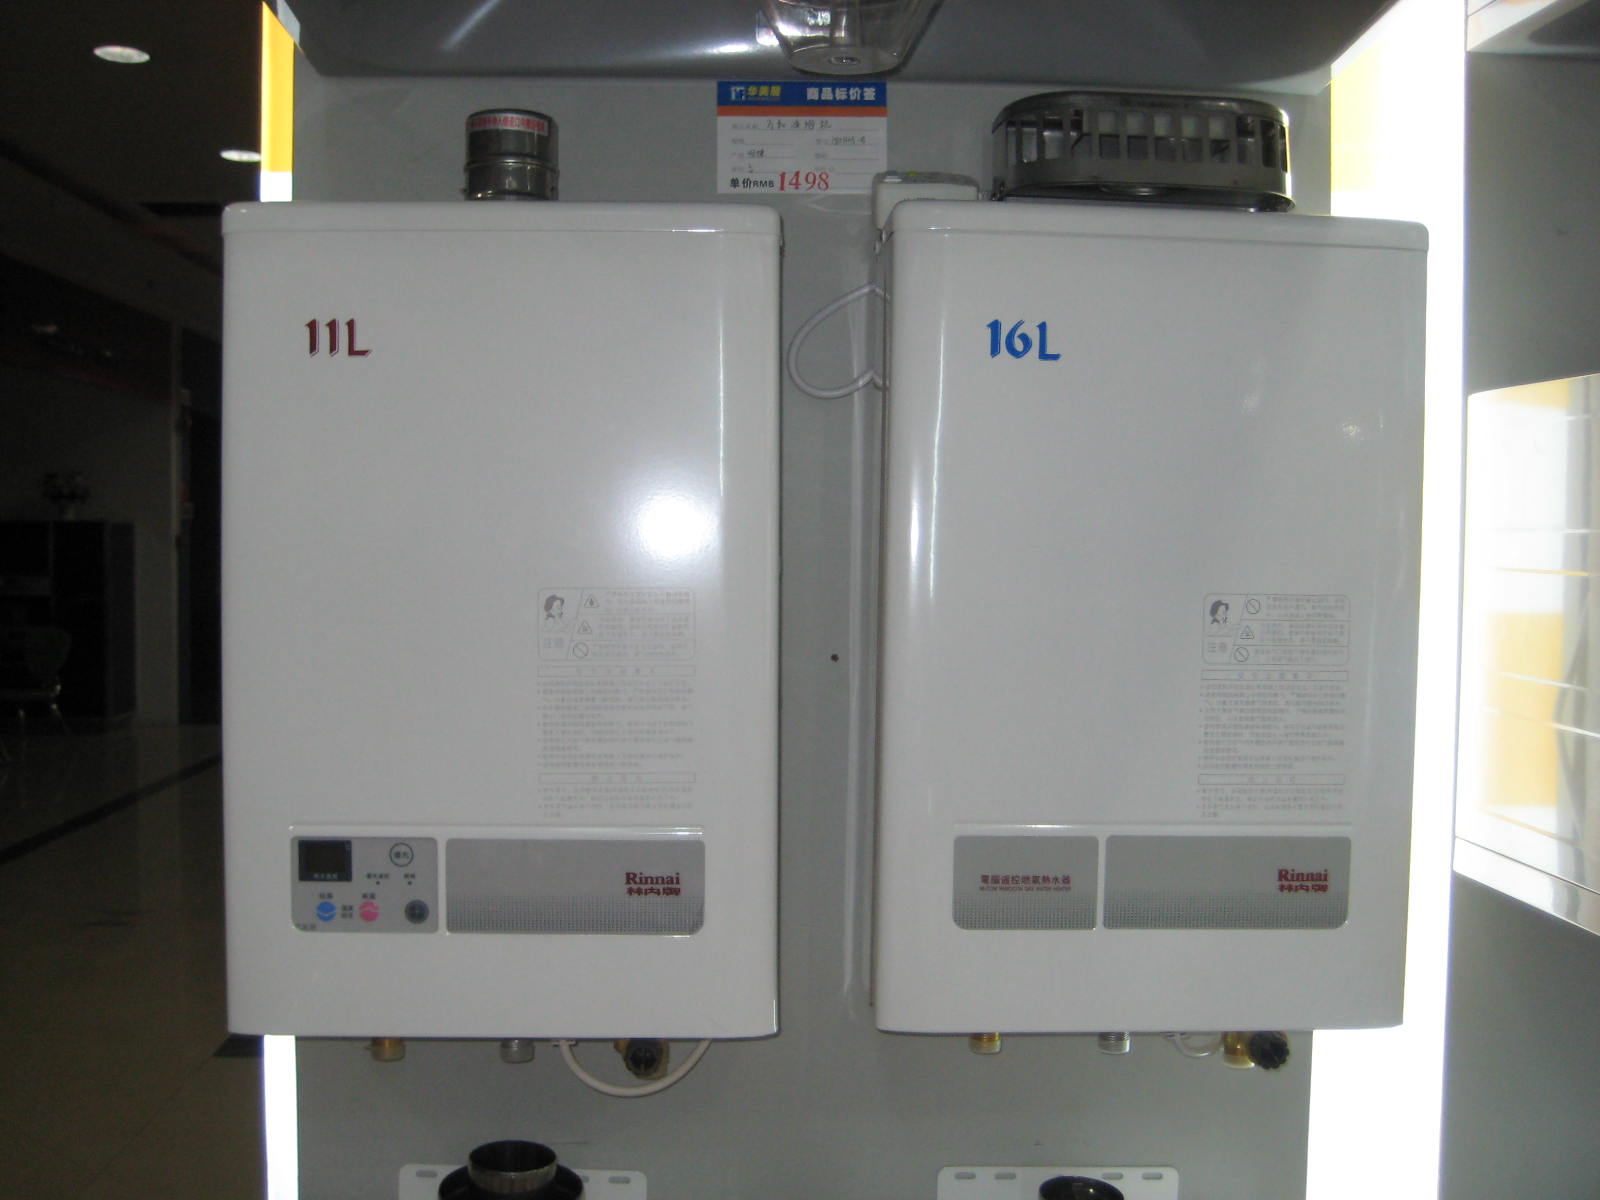 上海林内热水器是一款怎么样的产品?保养